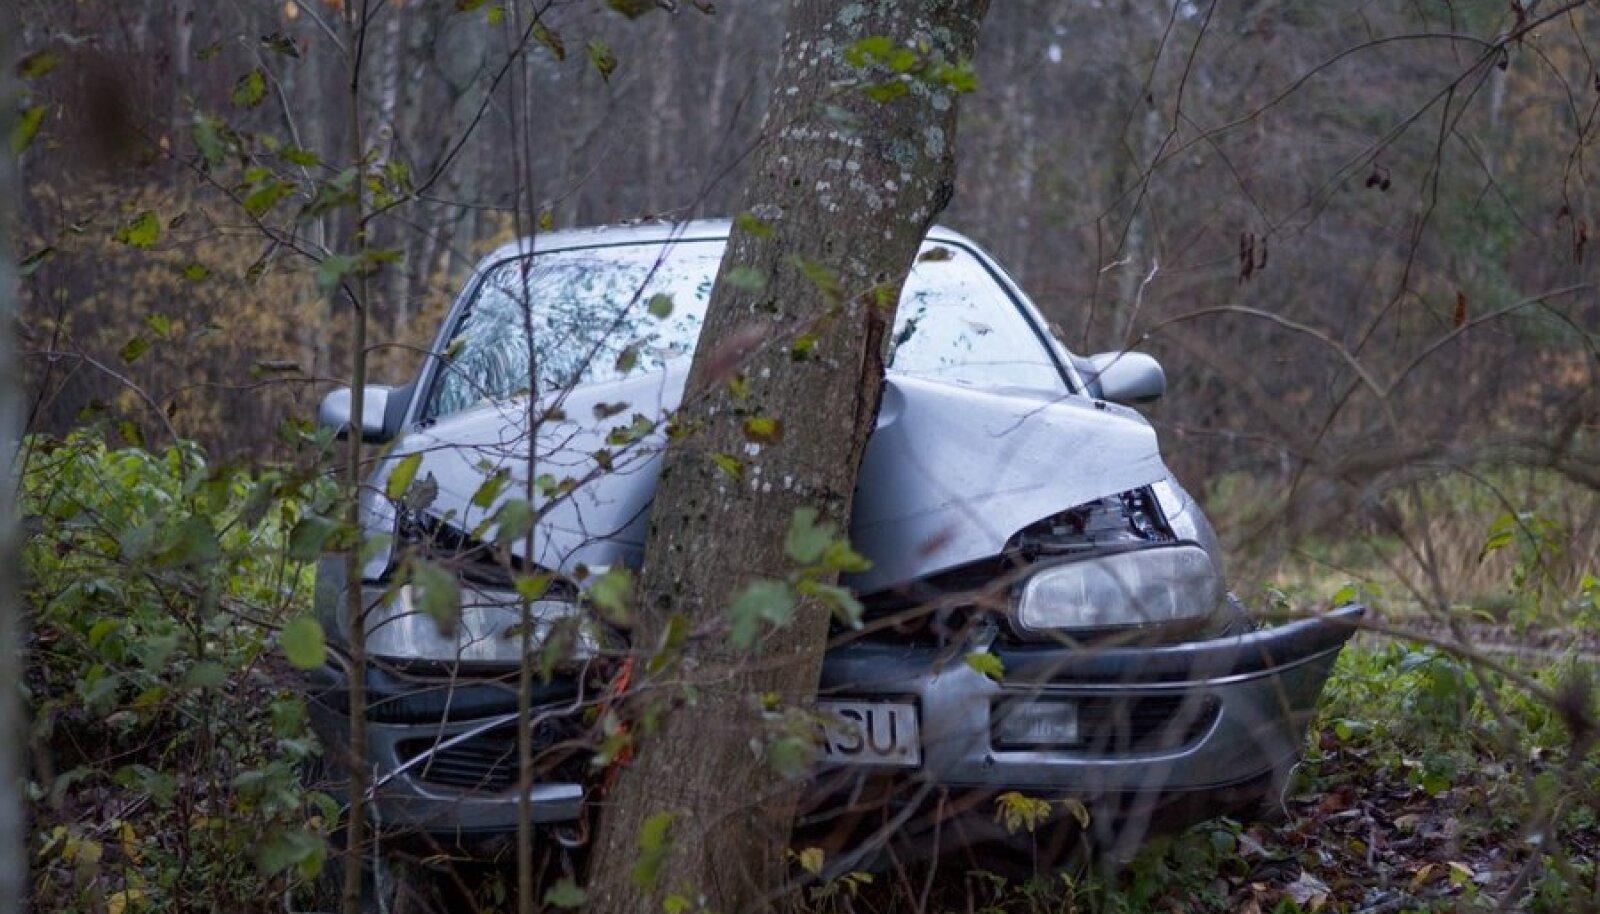 Vastu puud sõitnud Opel teletorni taga.